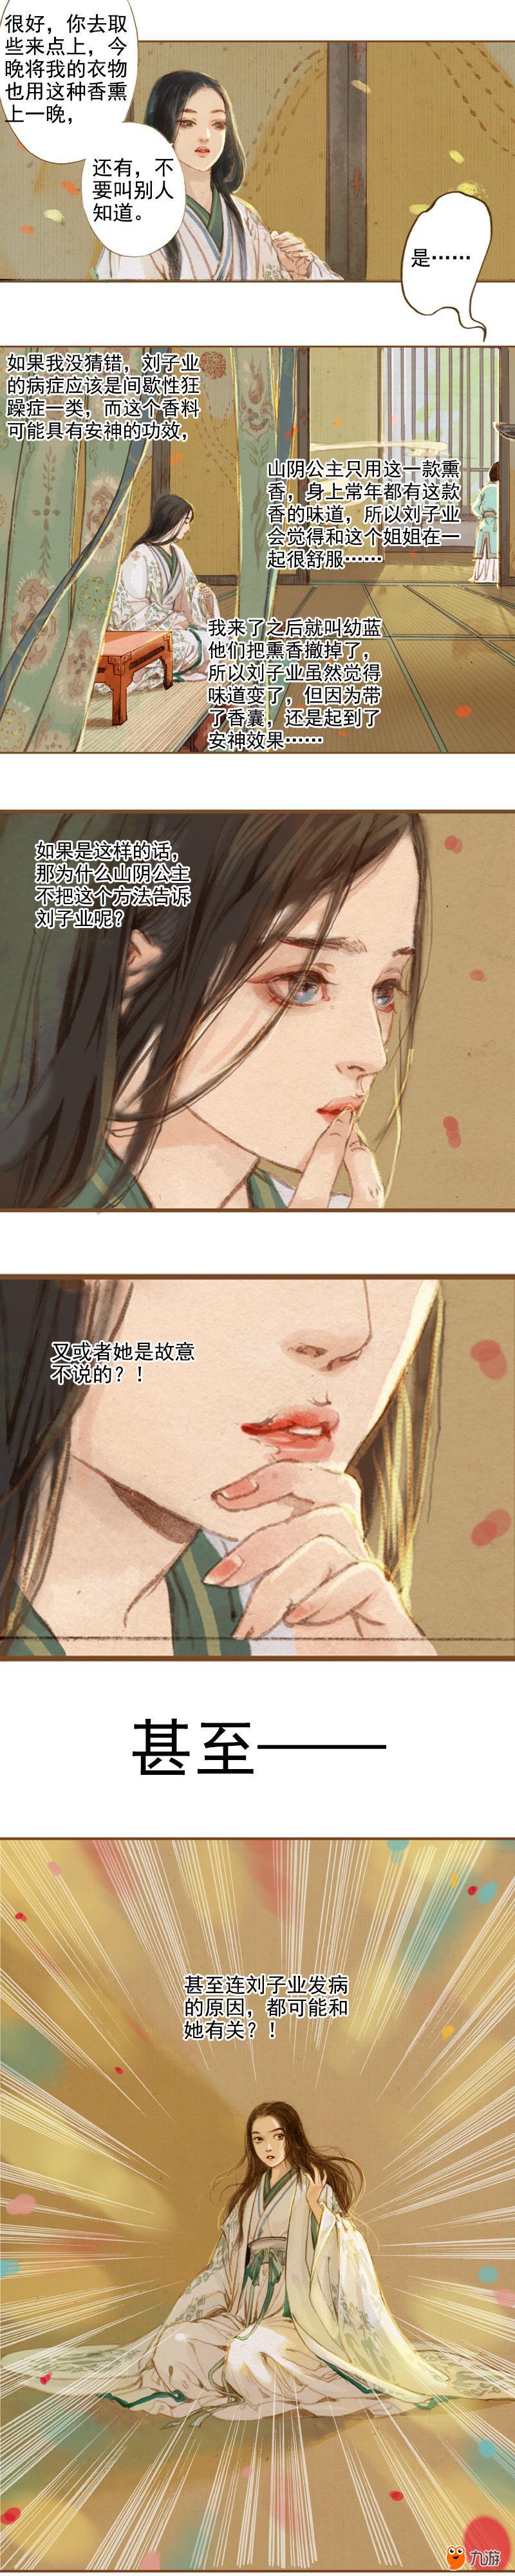 6下(4).jpg